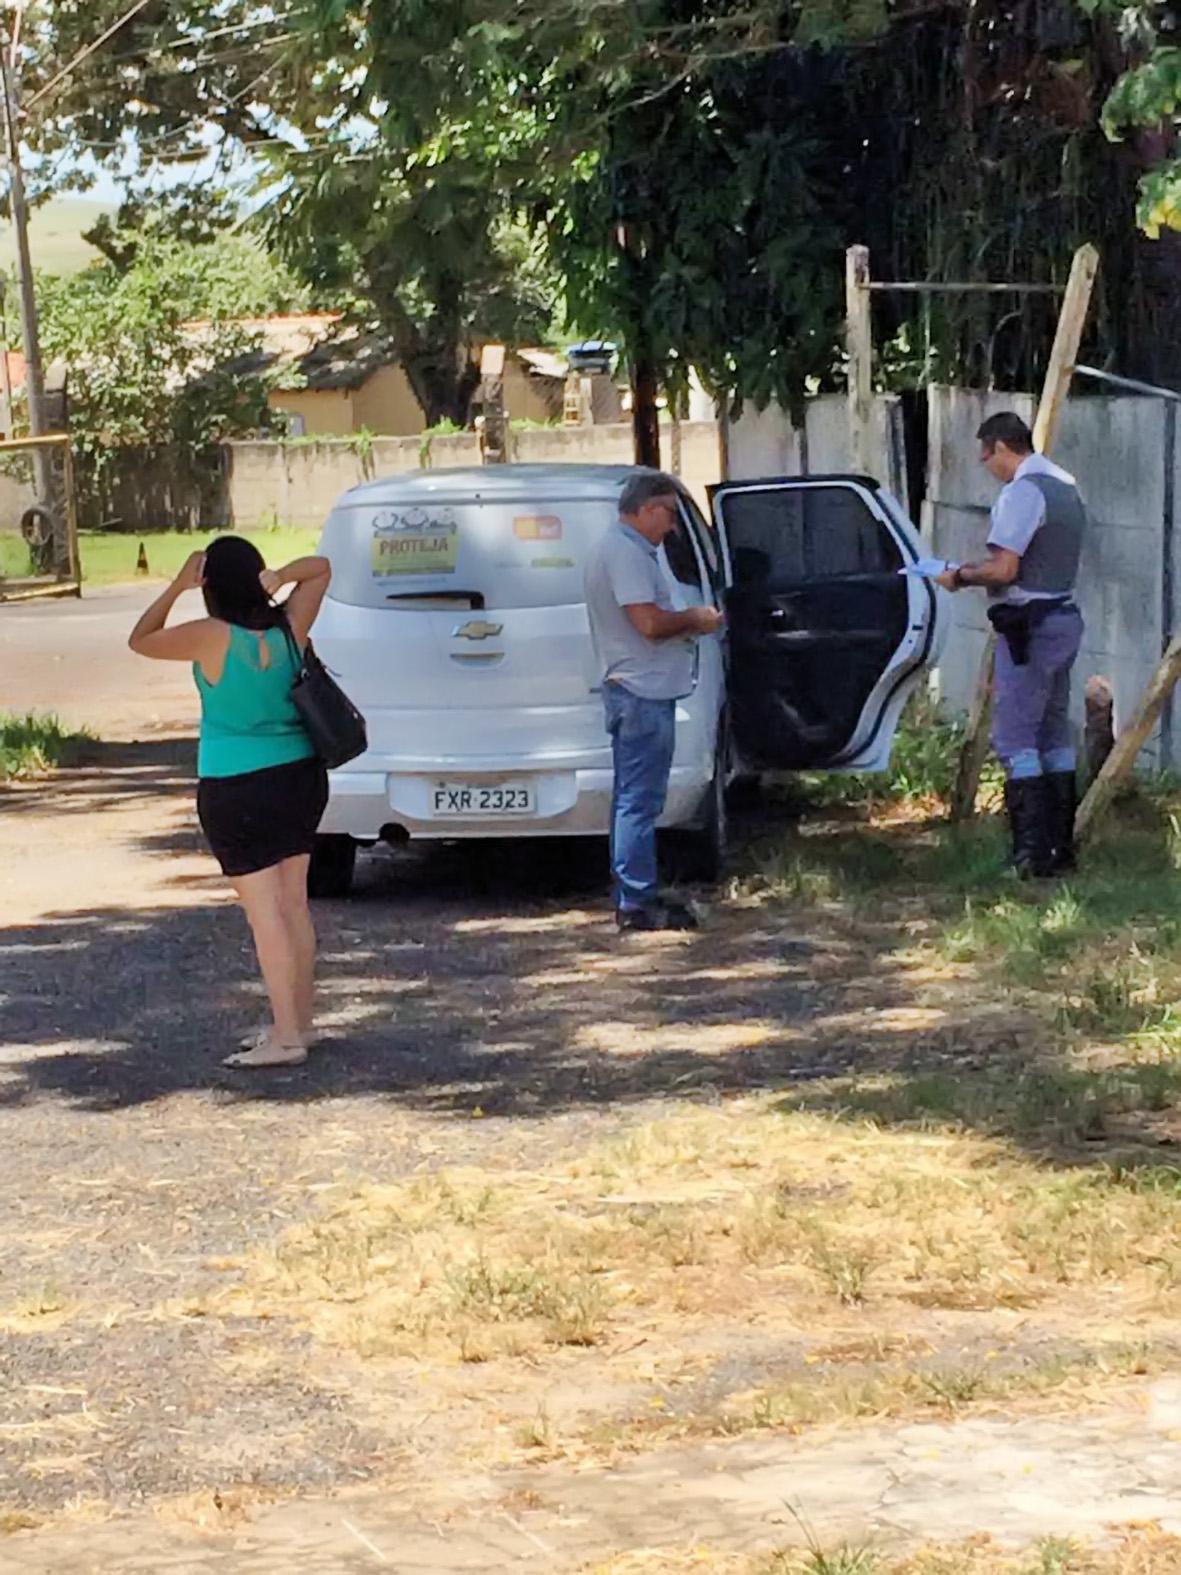 Carro do Conselho Tutelar que foi flagrado com falta de documentos (Foto: Colaboração)